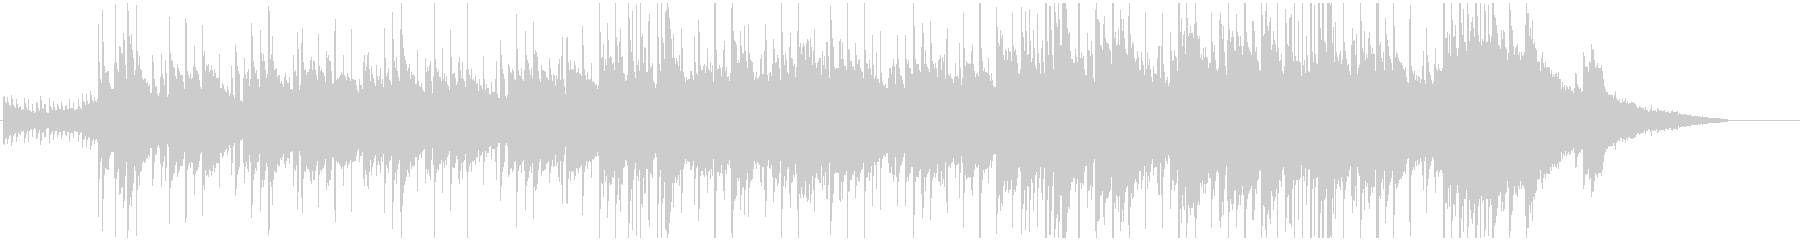 ロマンチックなピアノBGMの未再生の波形